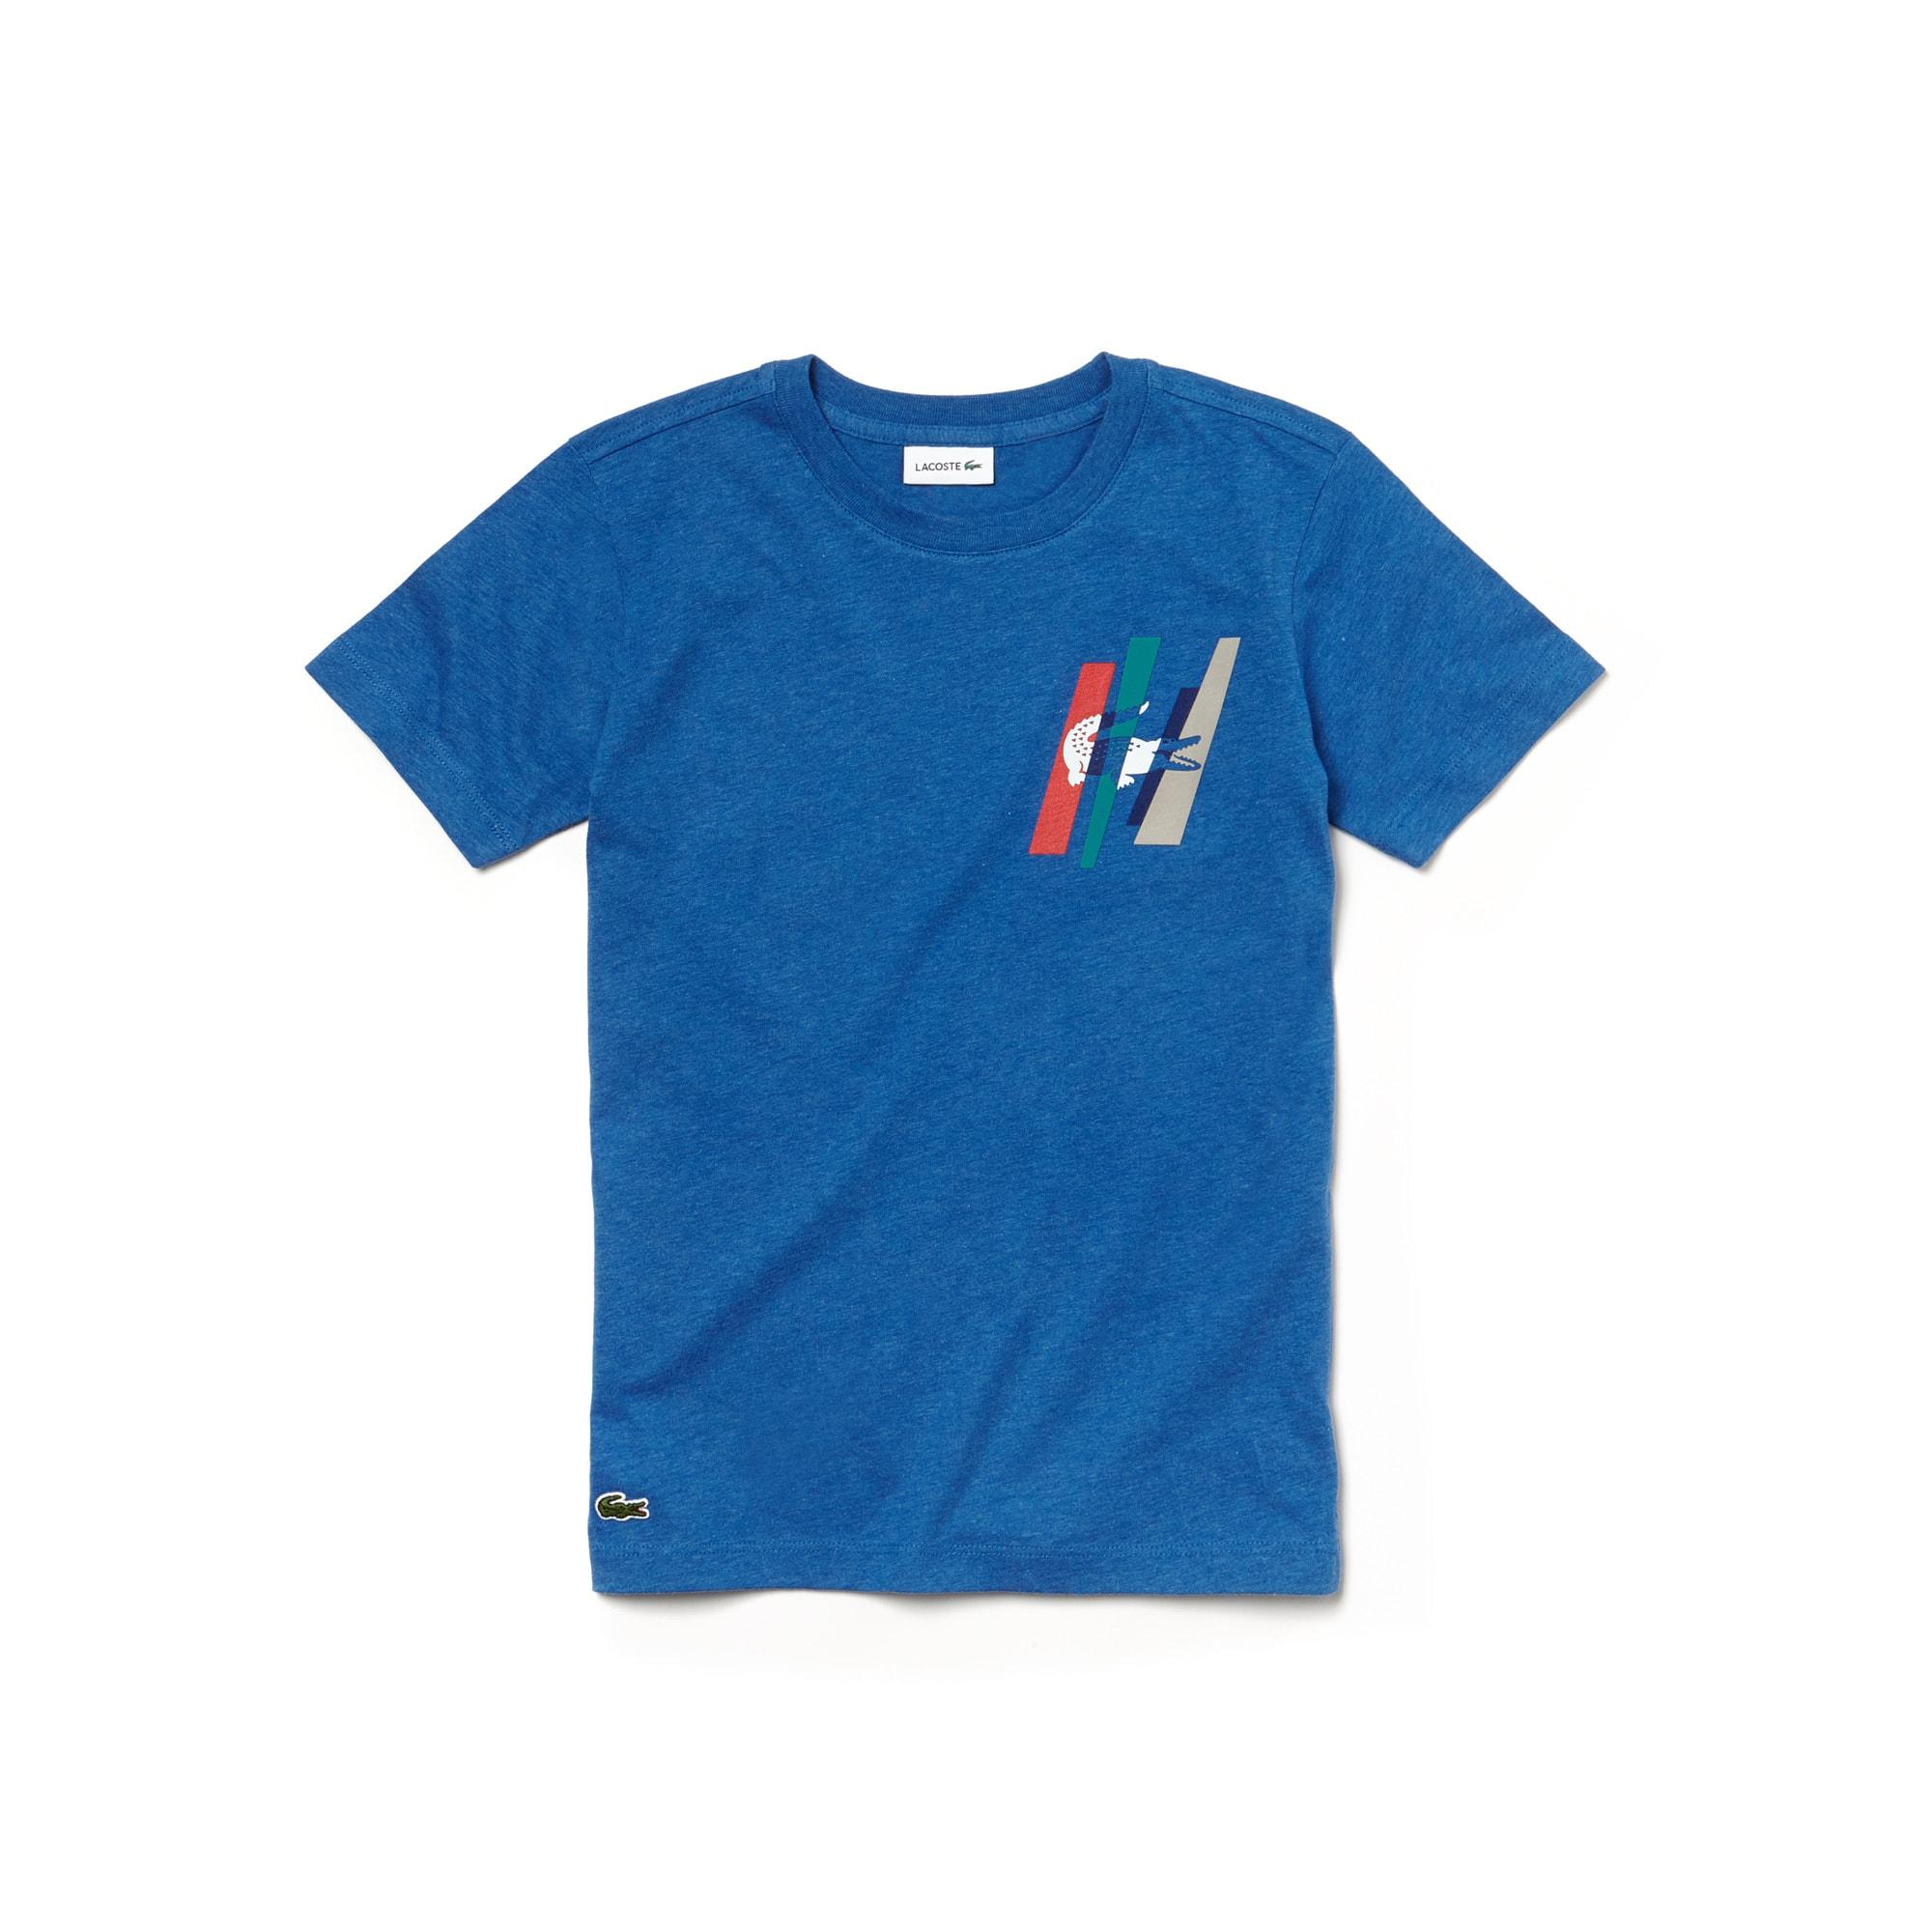 T-shirt Bambino a girocollo in jersey tinta unita con marchio